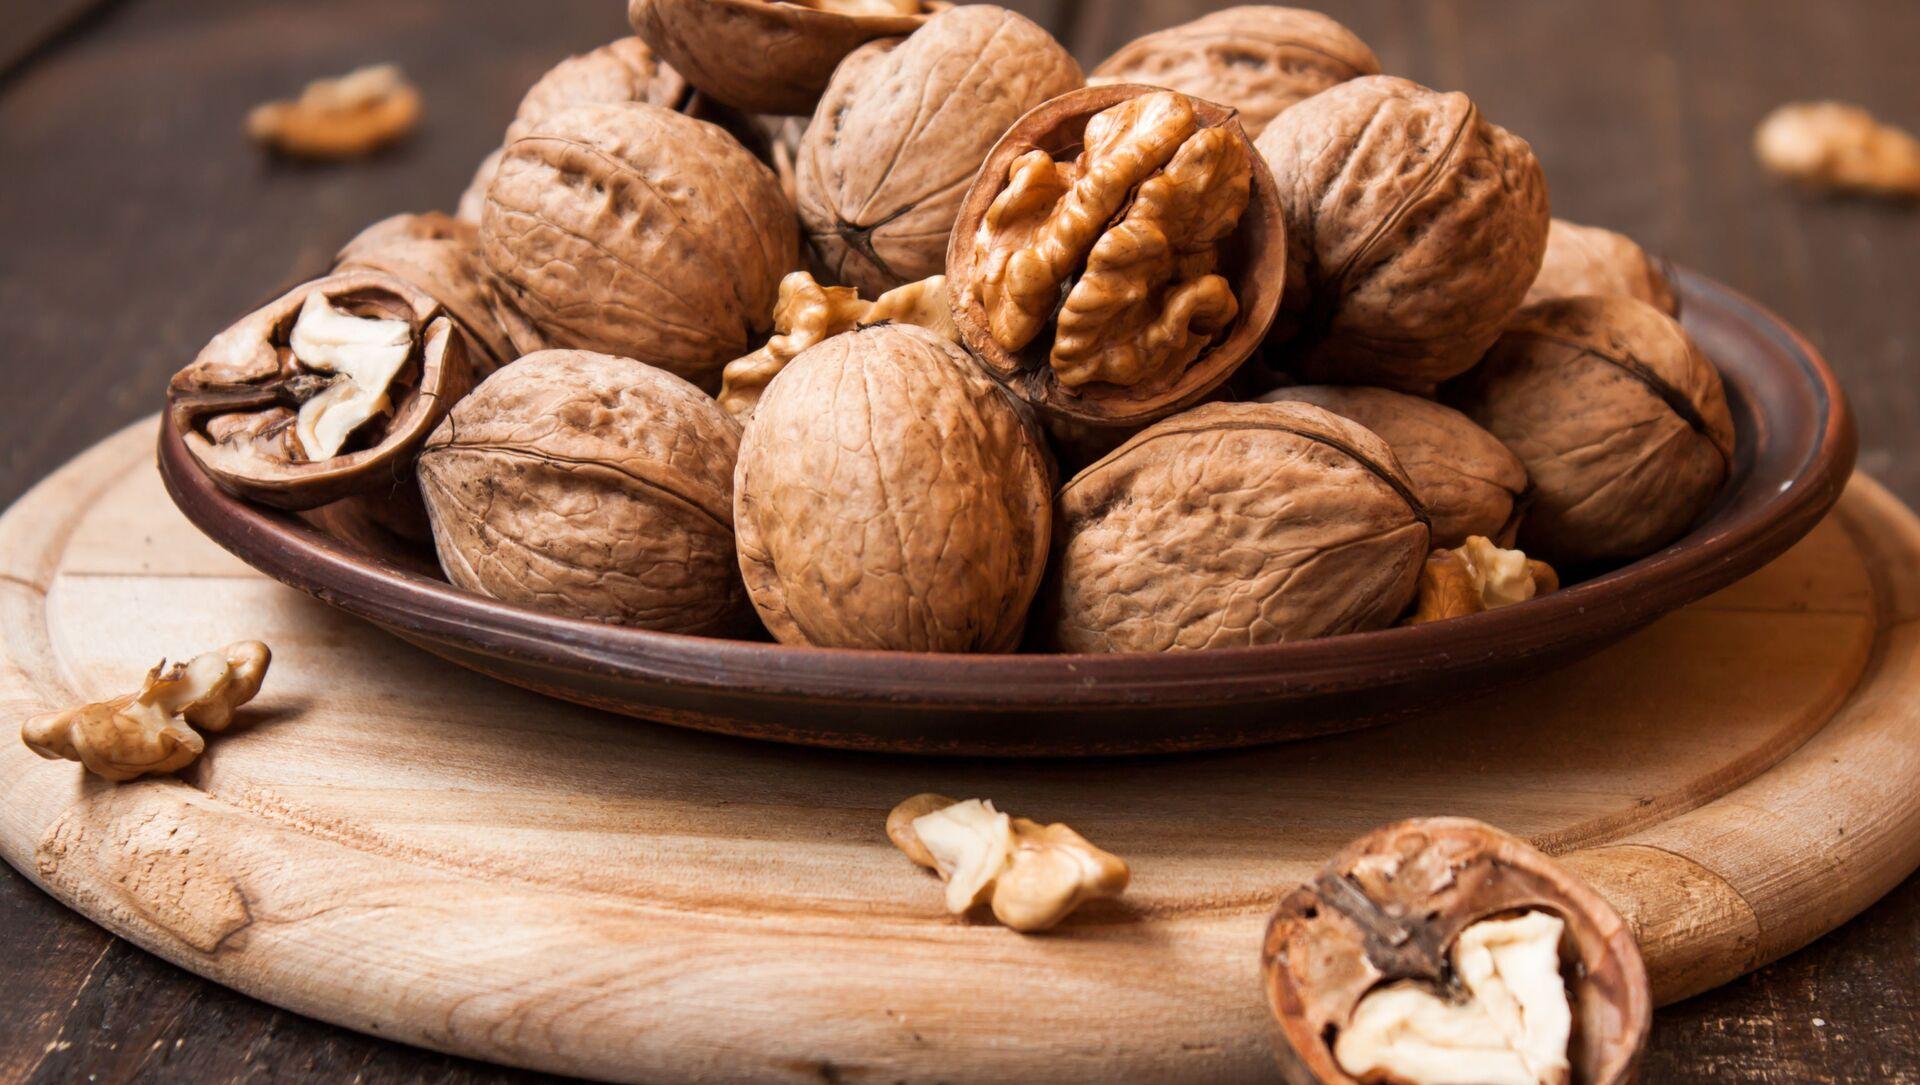 Грецкие орехи на деревянном столе - Sputnik Italia, 1920, 22.02.2021